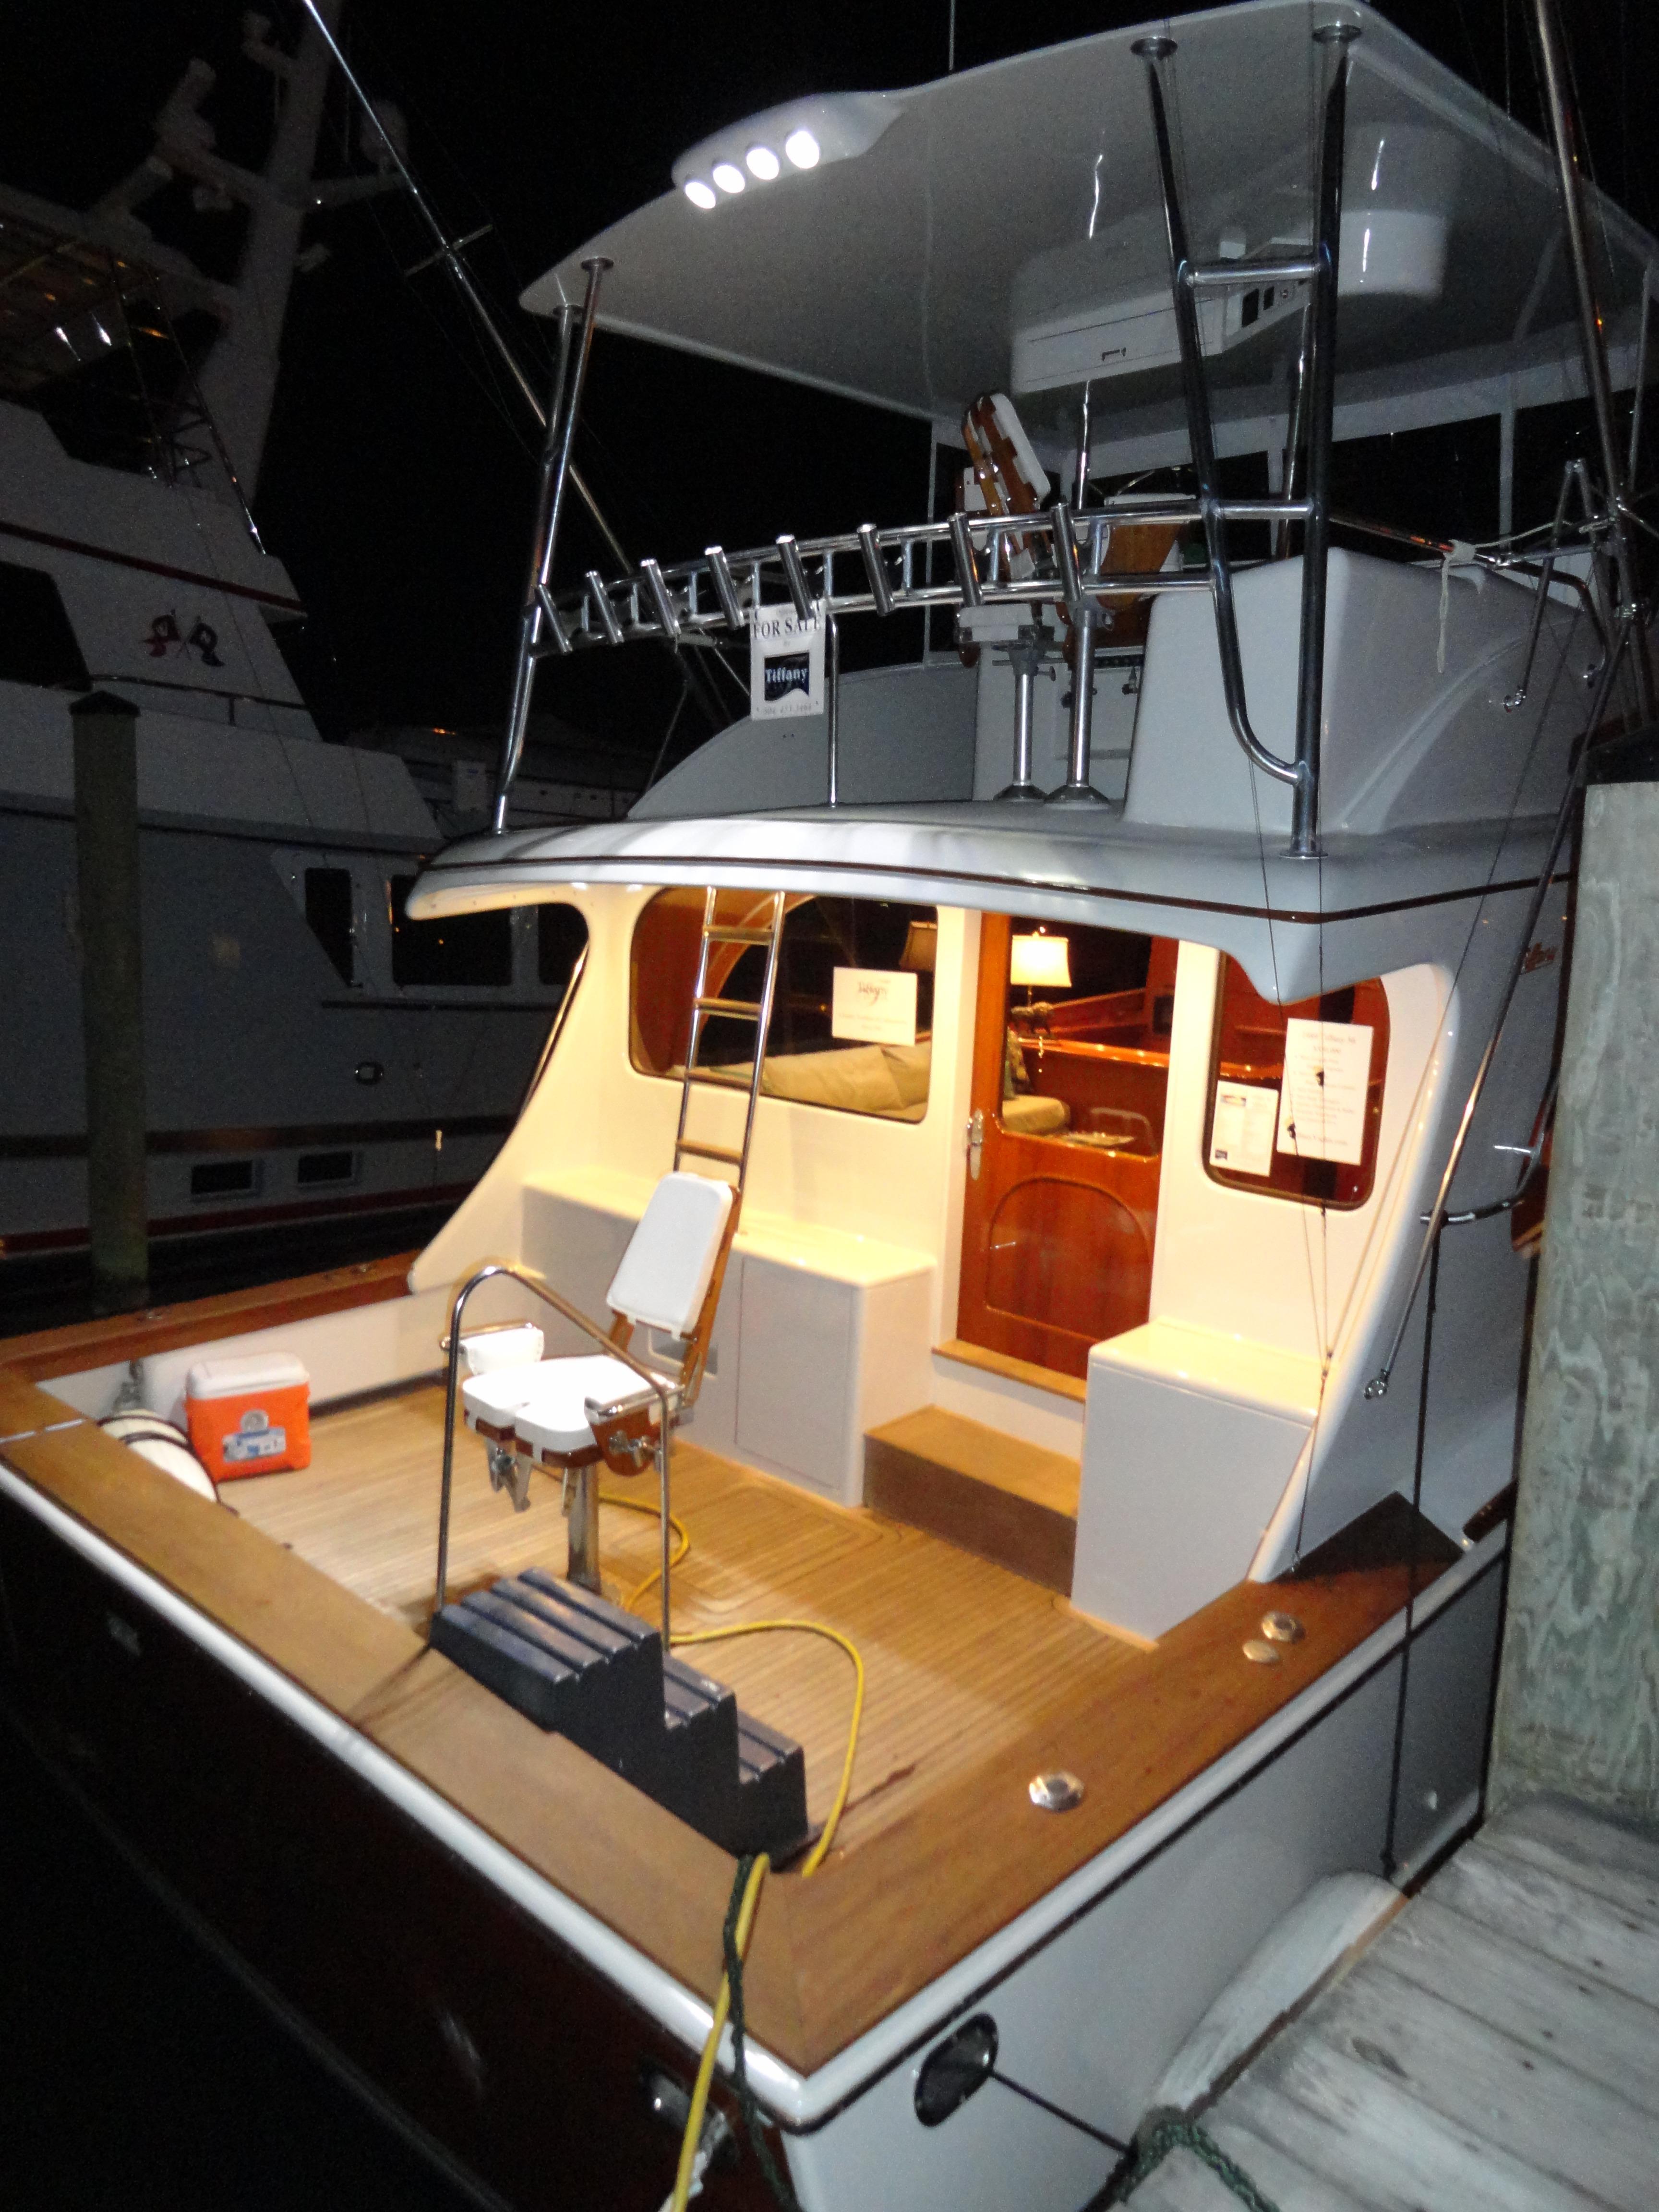 Tiffany 56 Sportfish Cockpit at Night